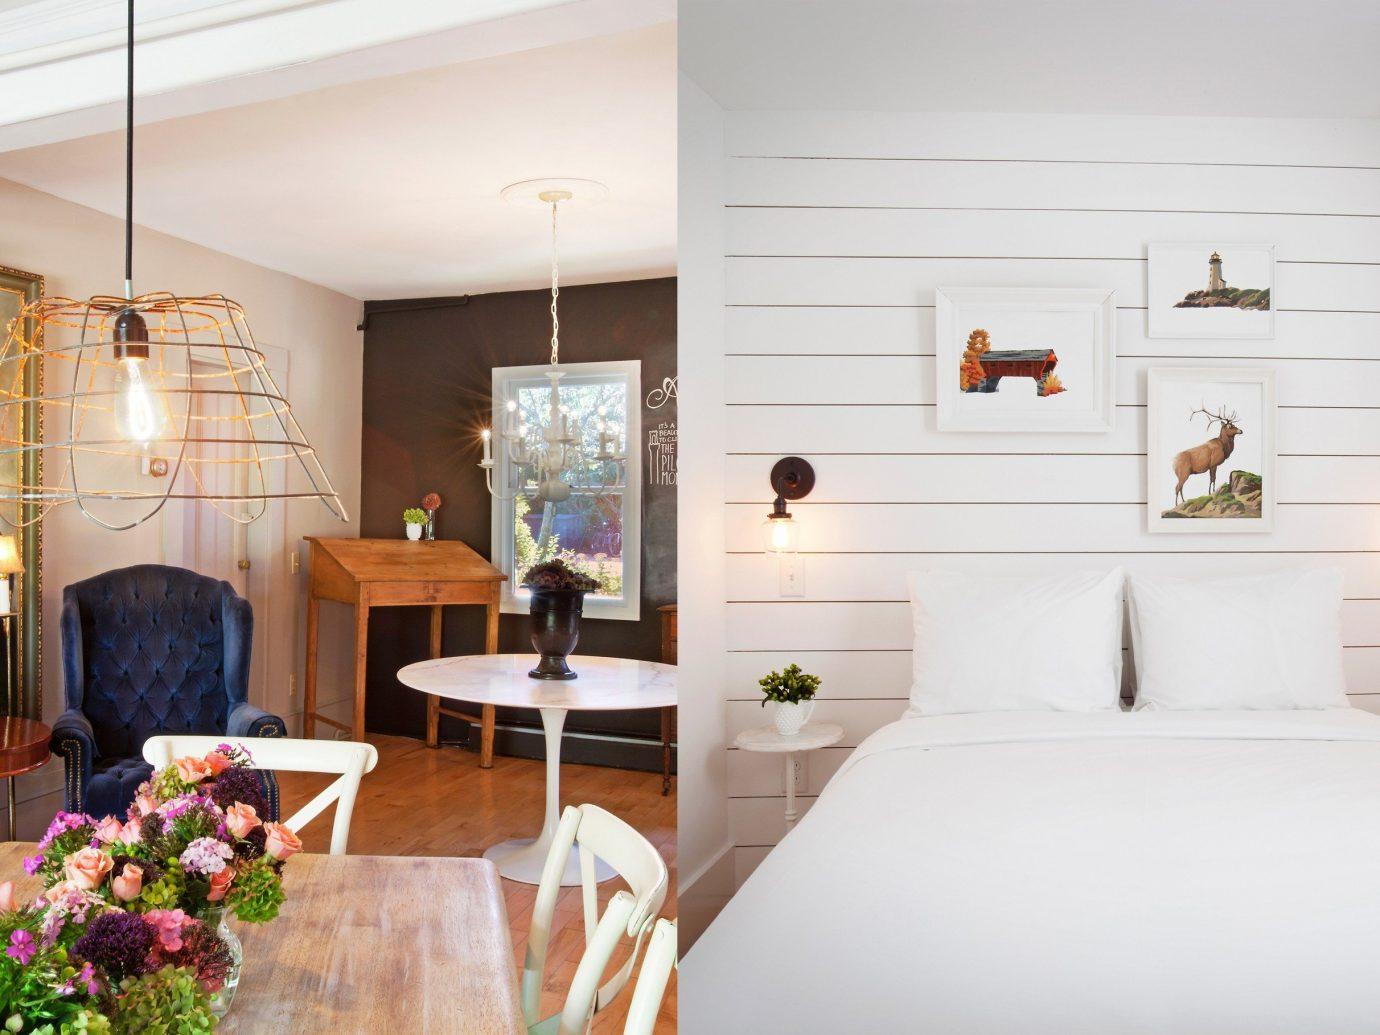 Hotels indoor room property living room home estate interior design real estate cottage Design Suite apartment furniture